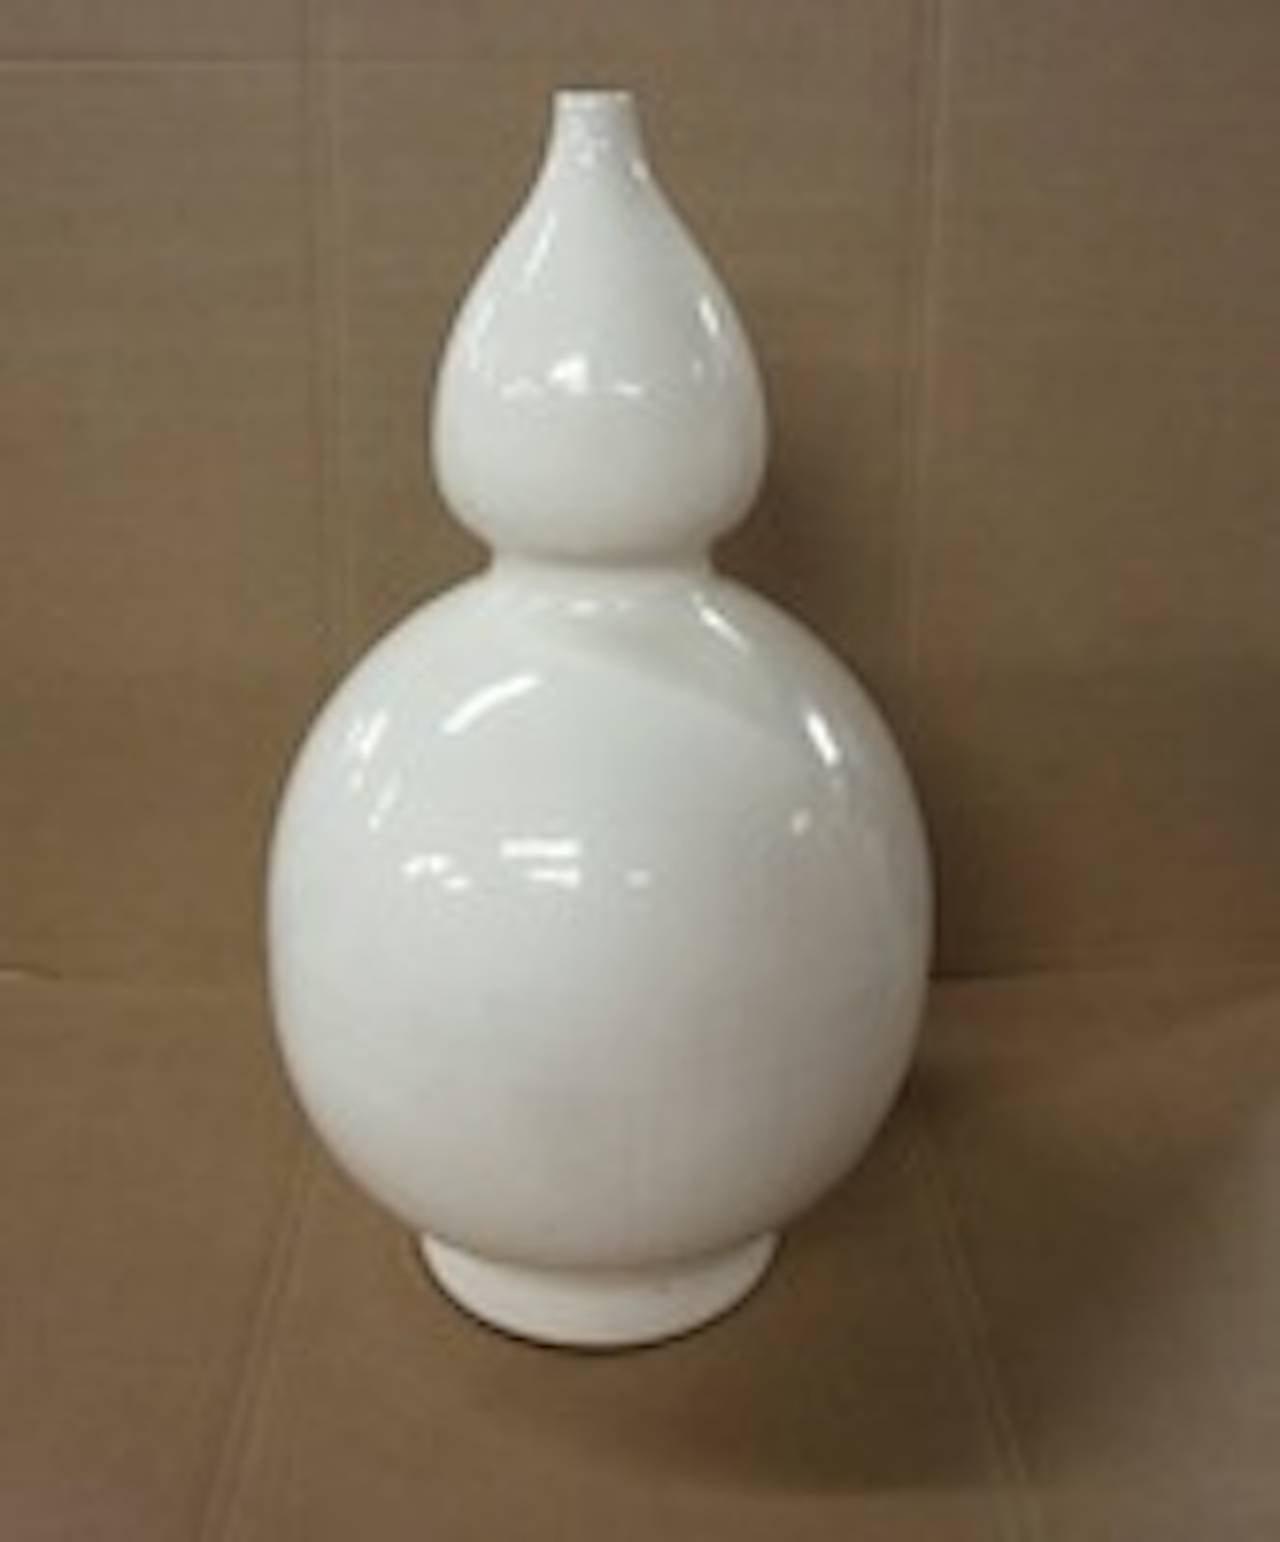 Sculptural Cream Terra Cotta Vases, Contemporary For Sale 1